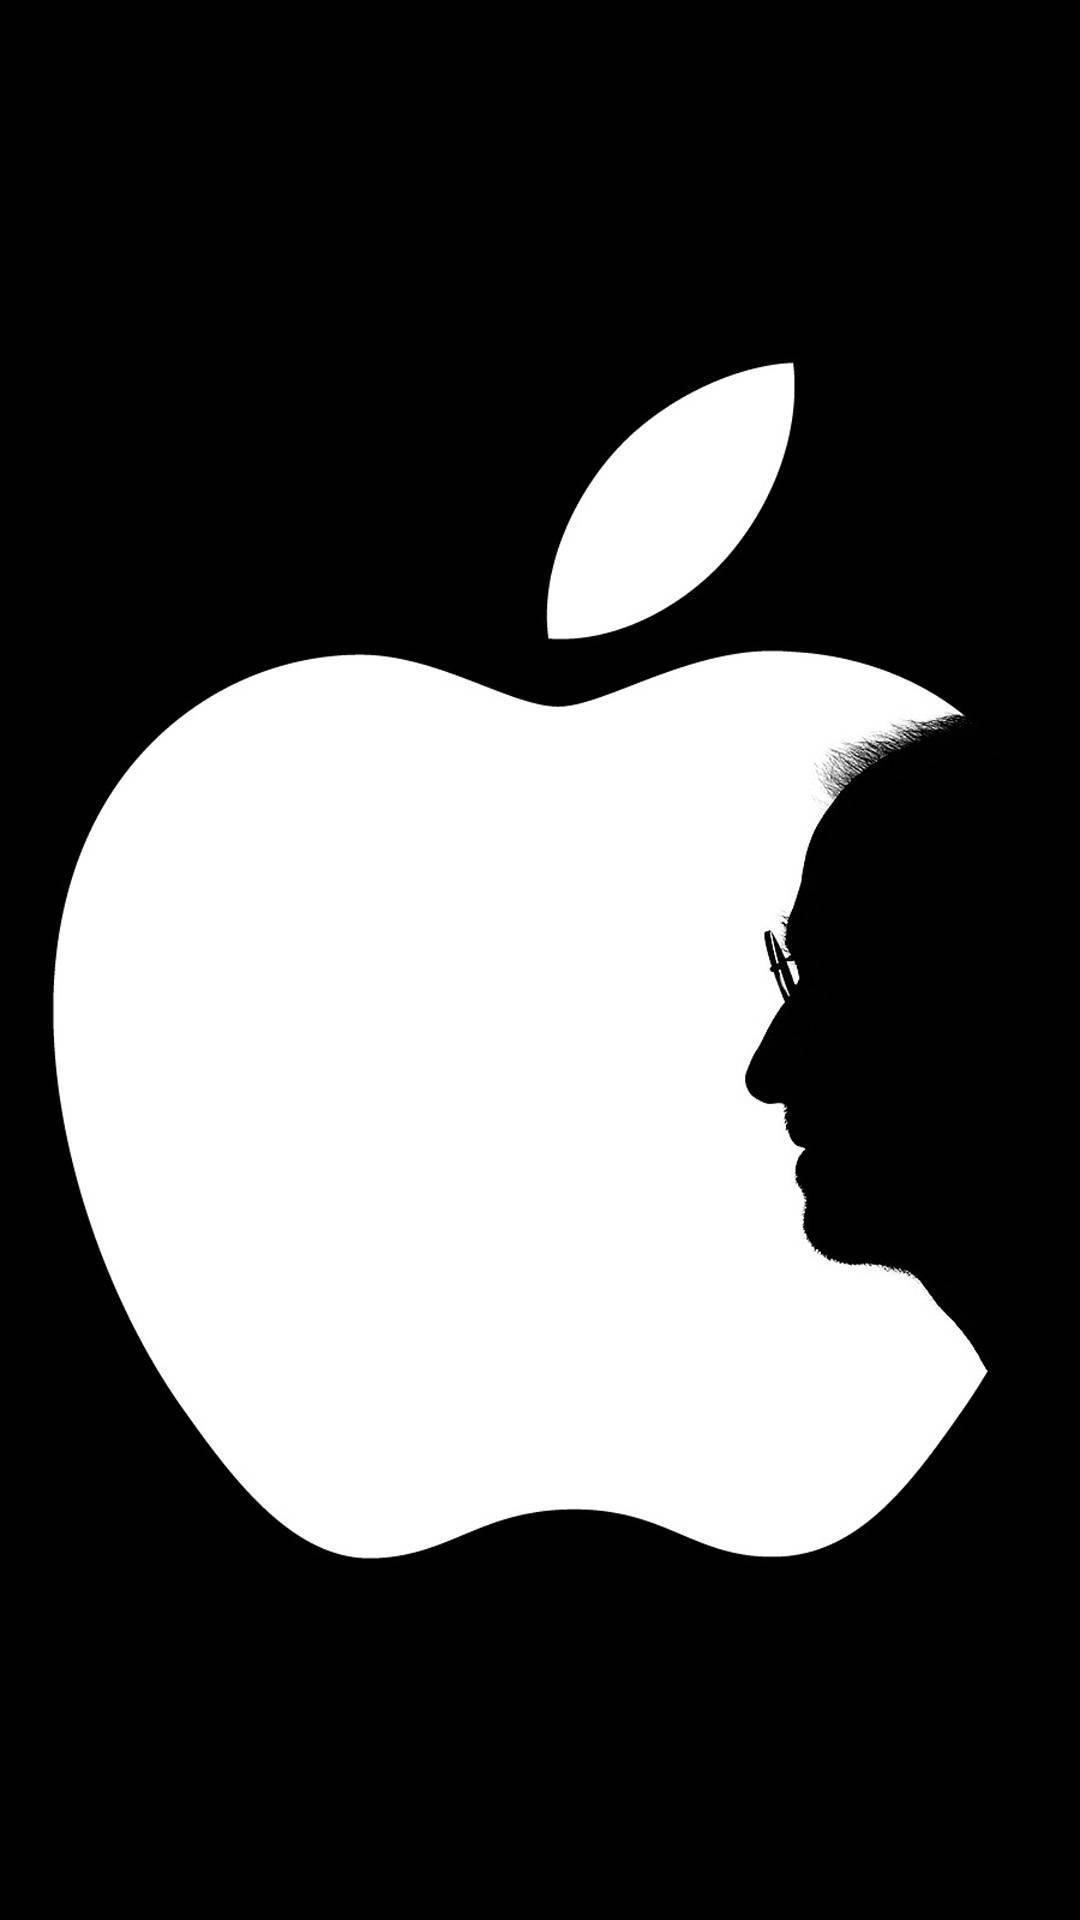 steve jobs 2 3Wallpapers iPhone Parallax Steve Jobs 2